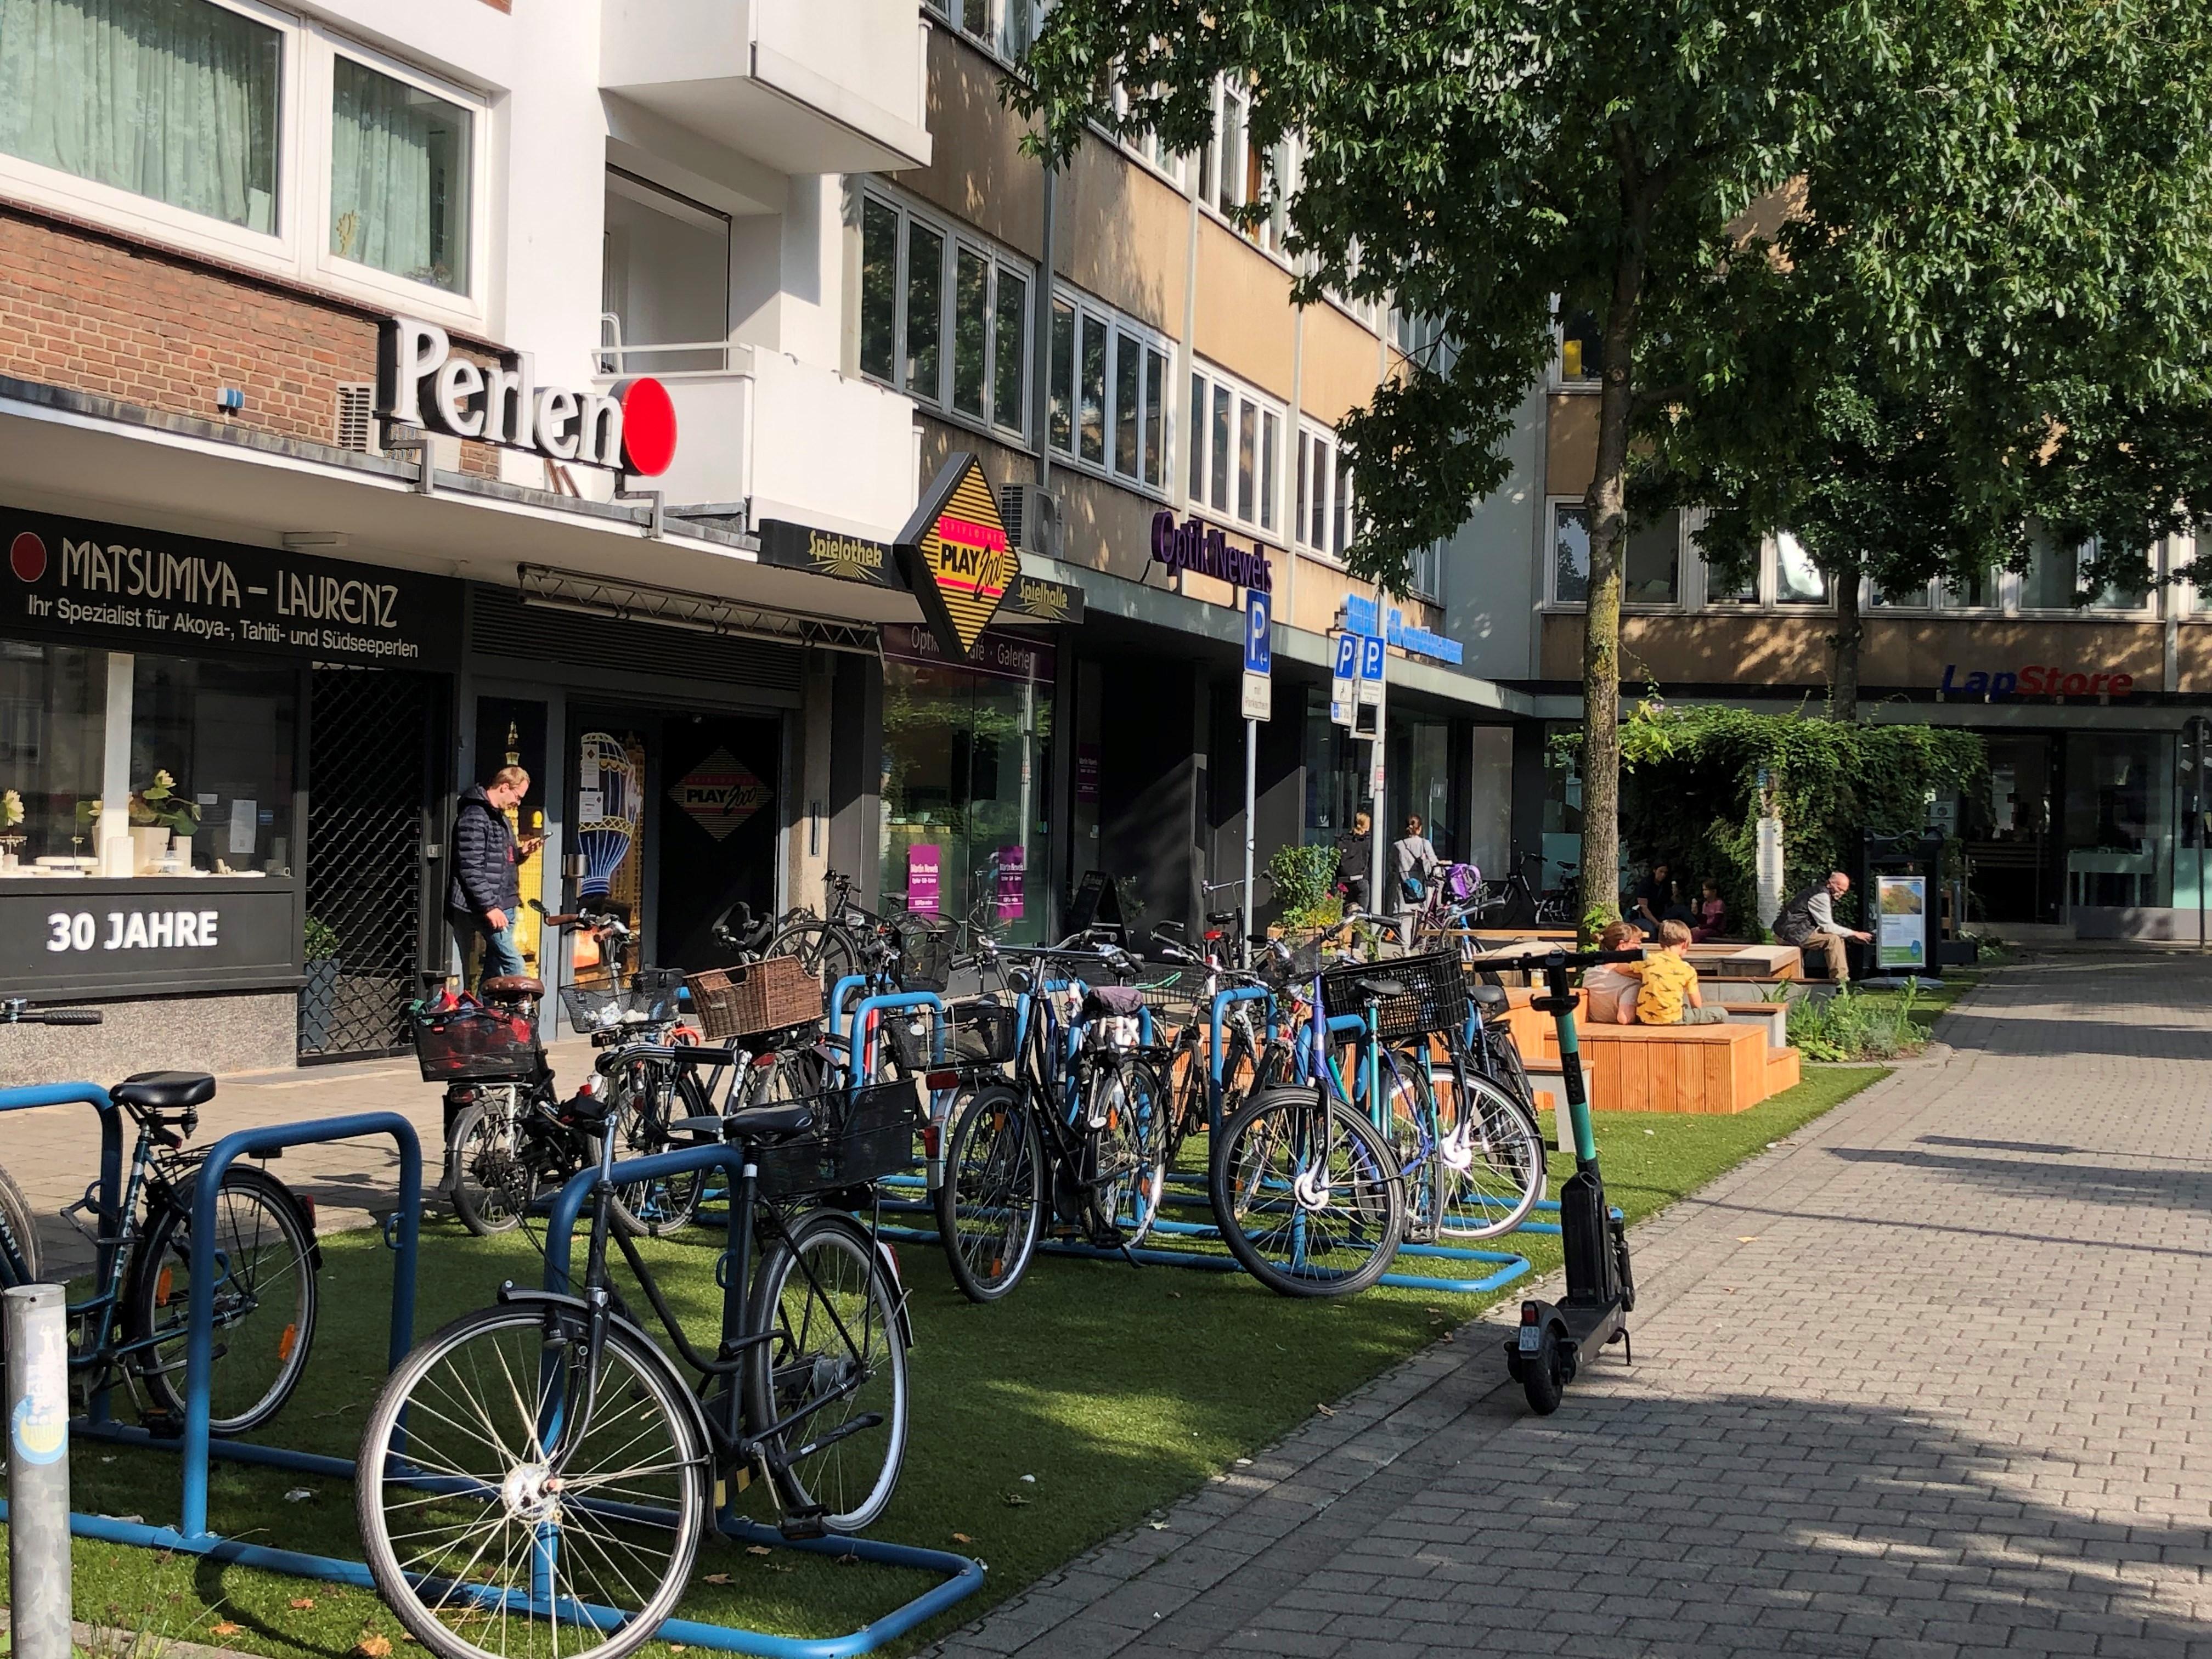 Die Anlehnbügel für Fahrräder auf dem noch gesperrten Parkplatz am Bült bleiben nach dem Verkehrsversuch dauerhaft installiert. Auch an der Hörsterstraße entstehen weitere Stellplätze für Fahrräder und Lastenräder. Foto: Stadt Münster.